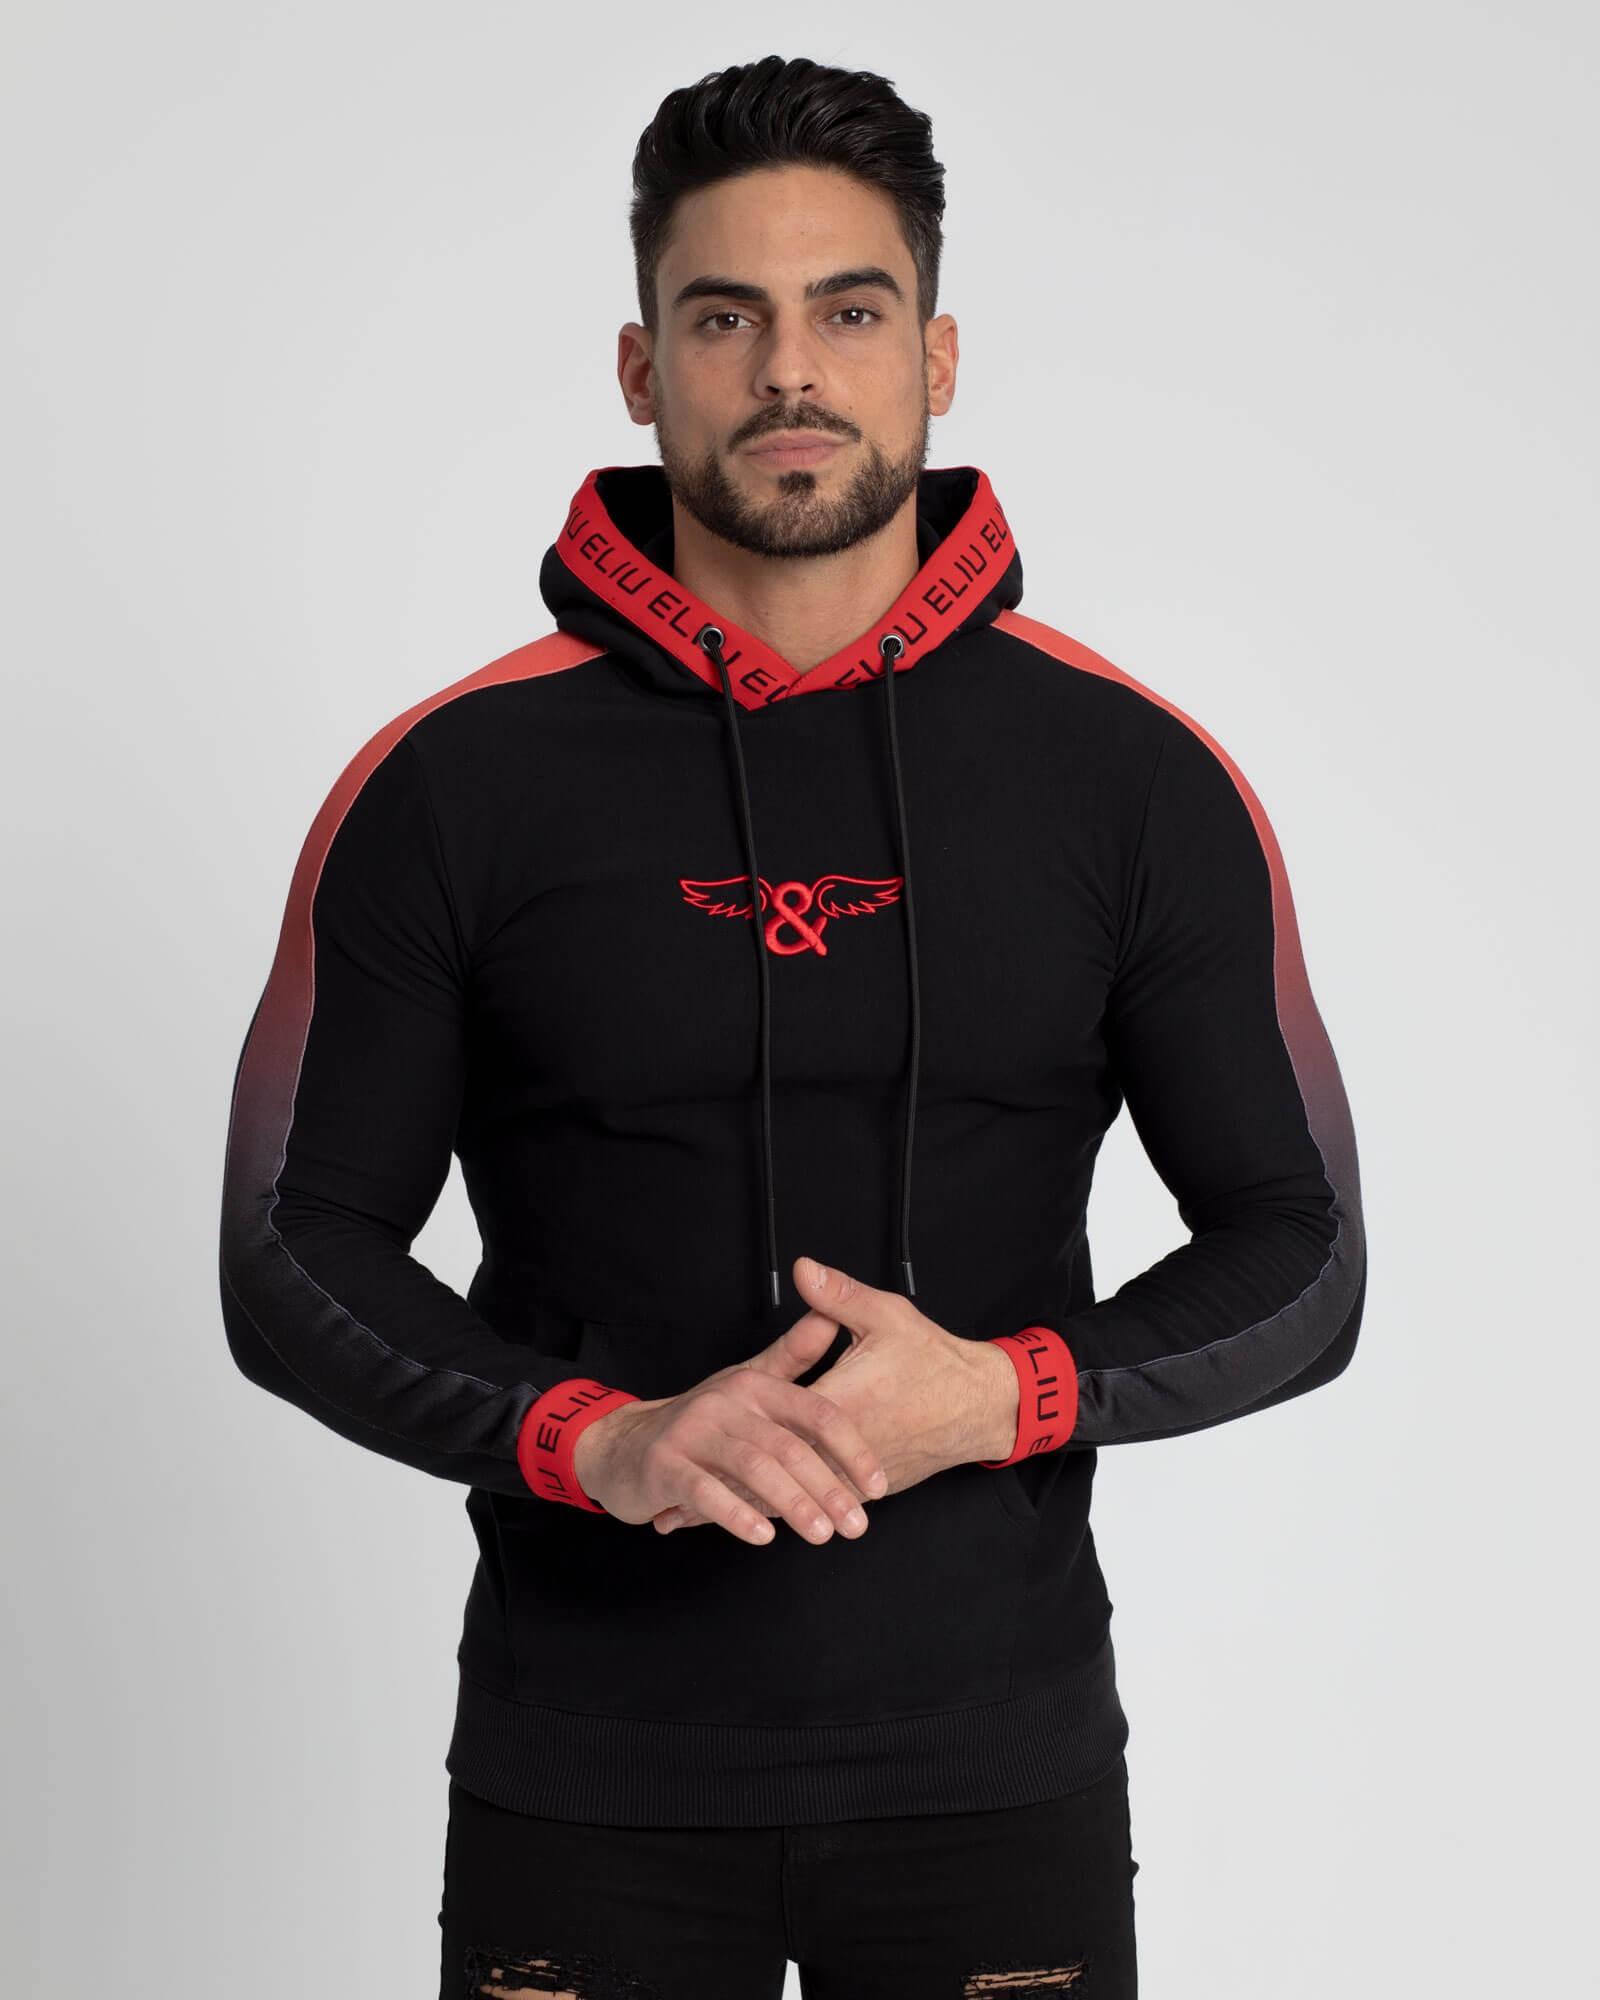 Gradient Hoodie Rojo y Negro. Estilo urbano de streetwear ELIU.